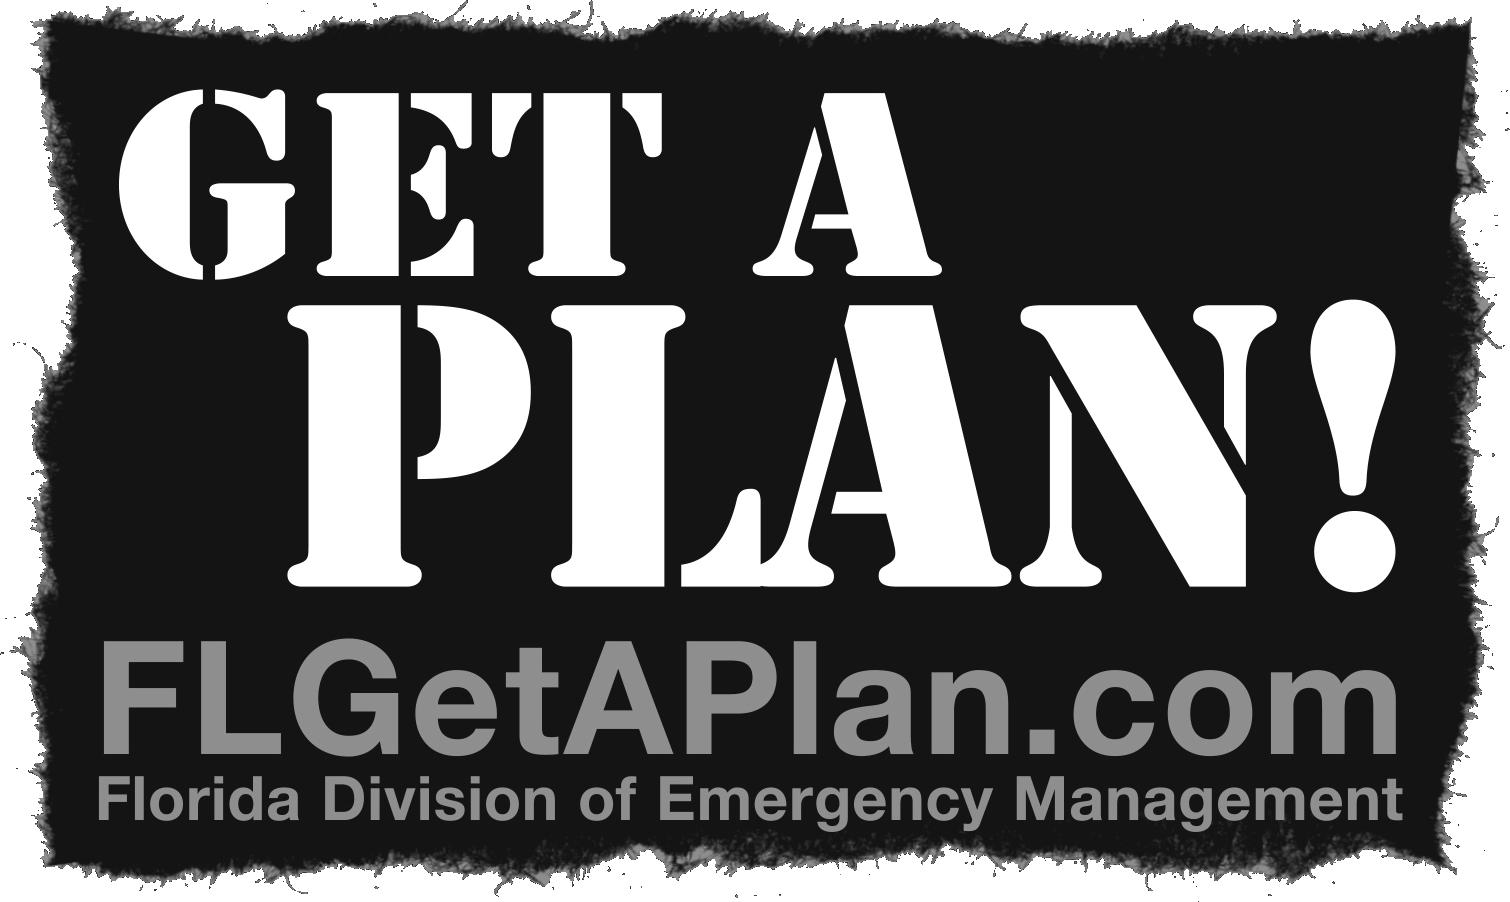 fl-get-a-plan